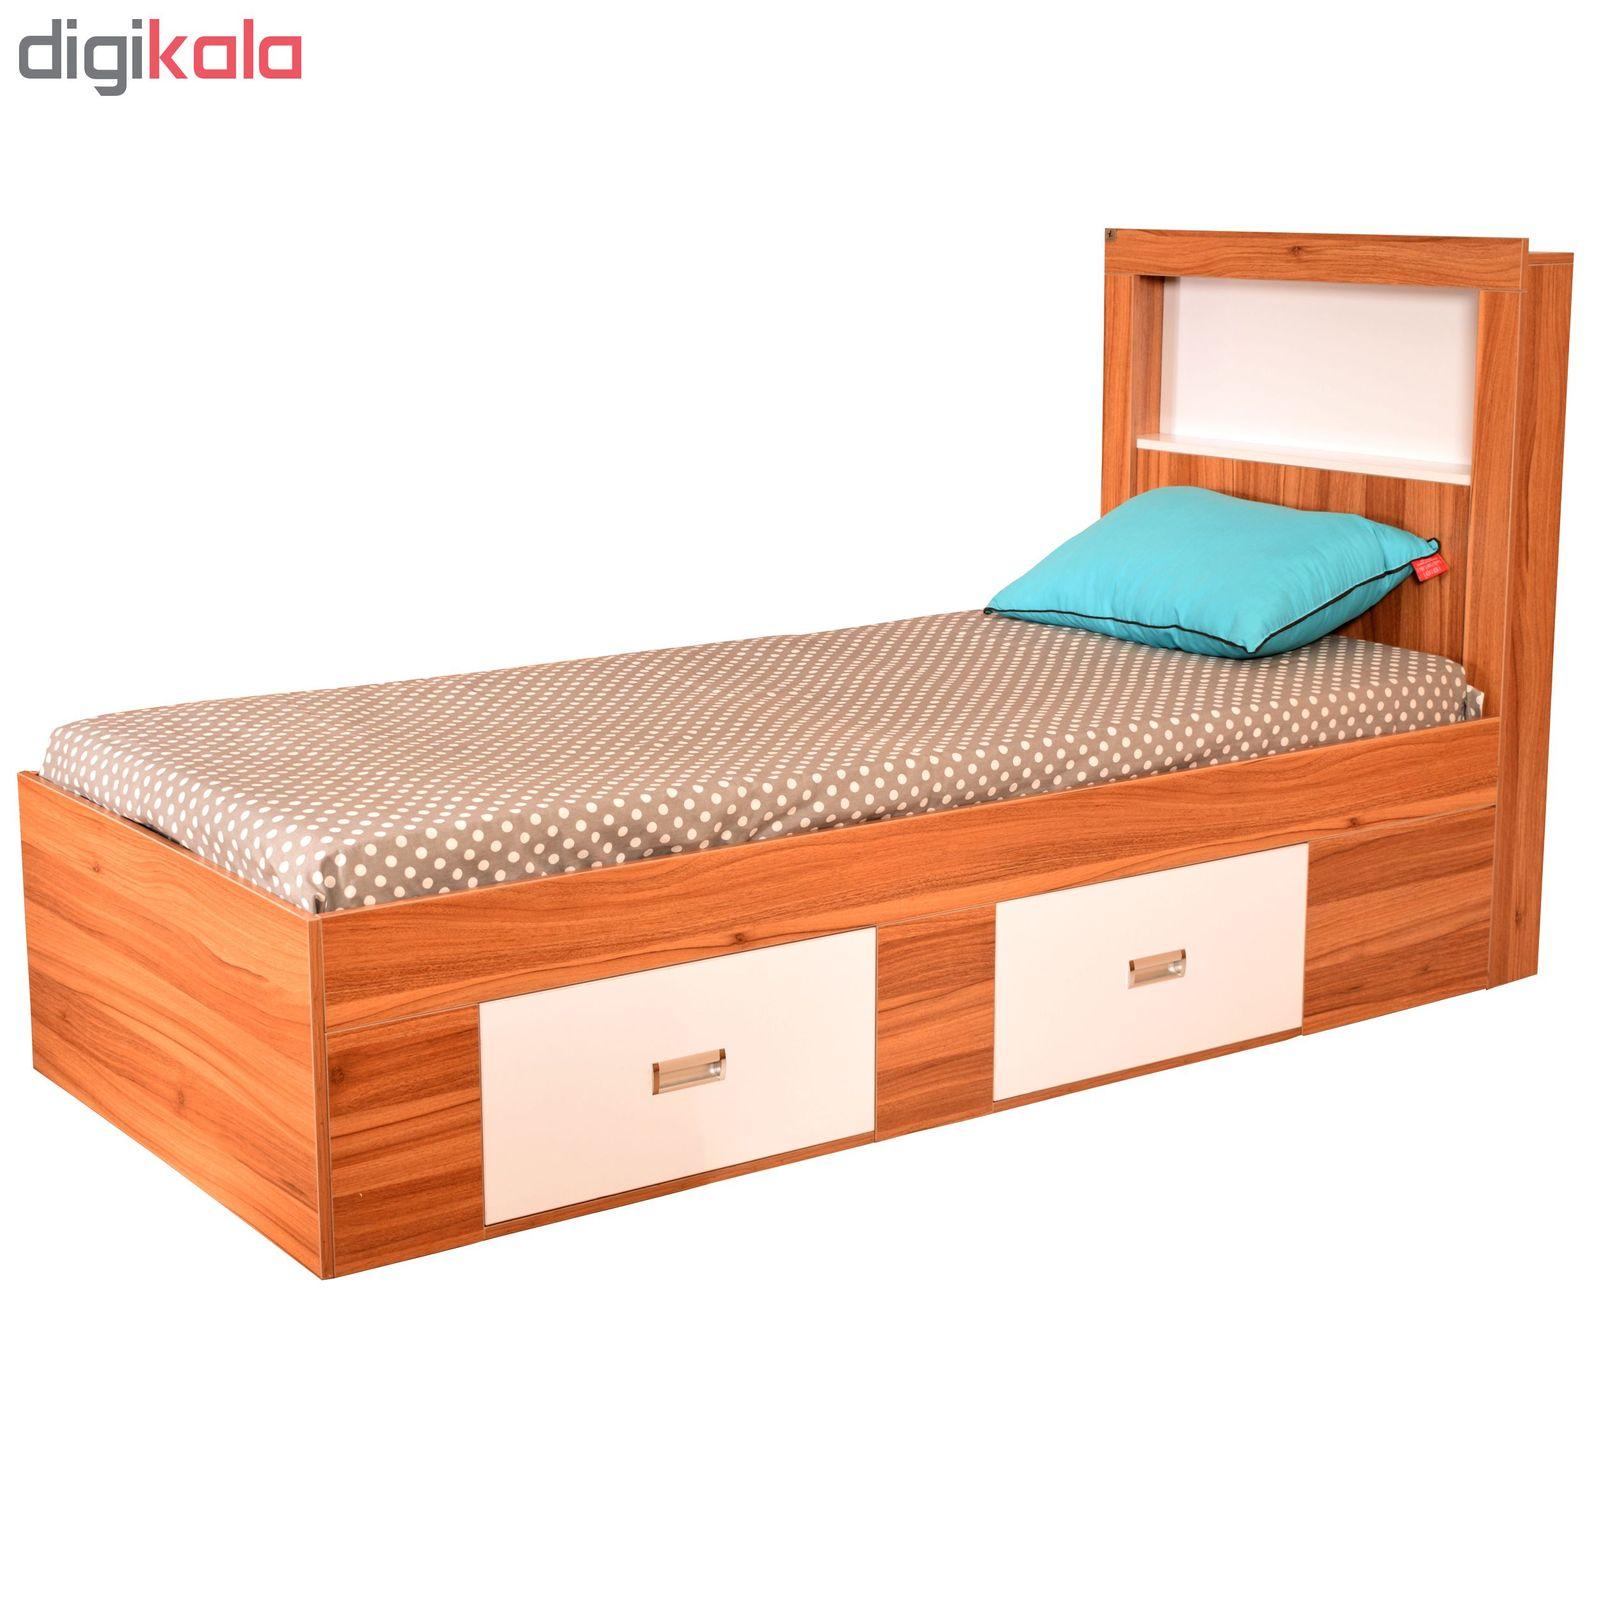 تخت خواب یک نفره لمکده مدل دلارا سایز 211*94 سانتی متر main 1 1